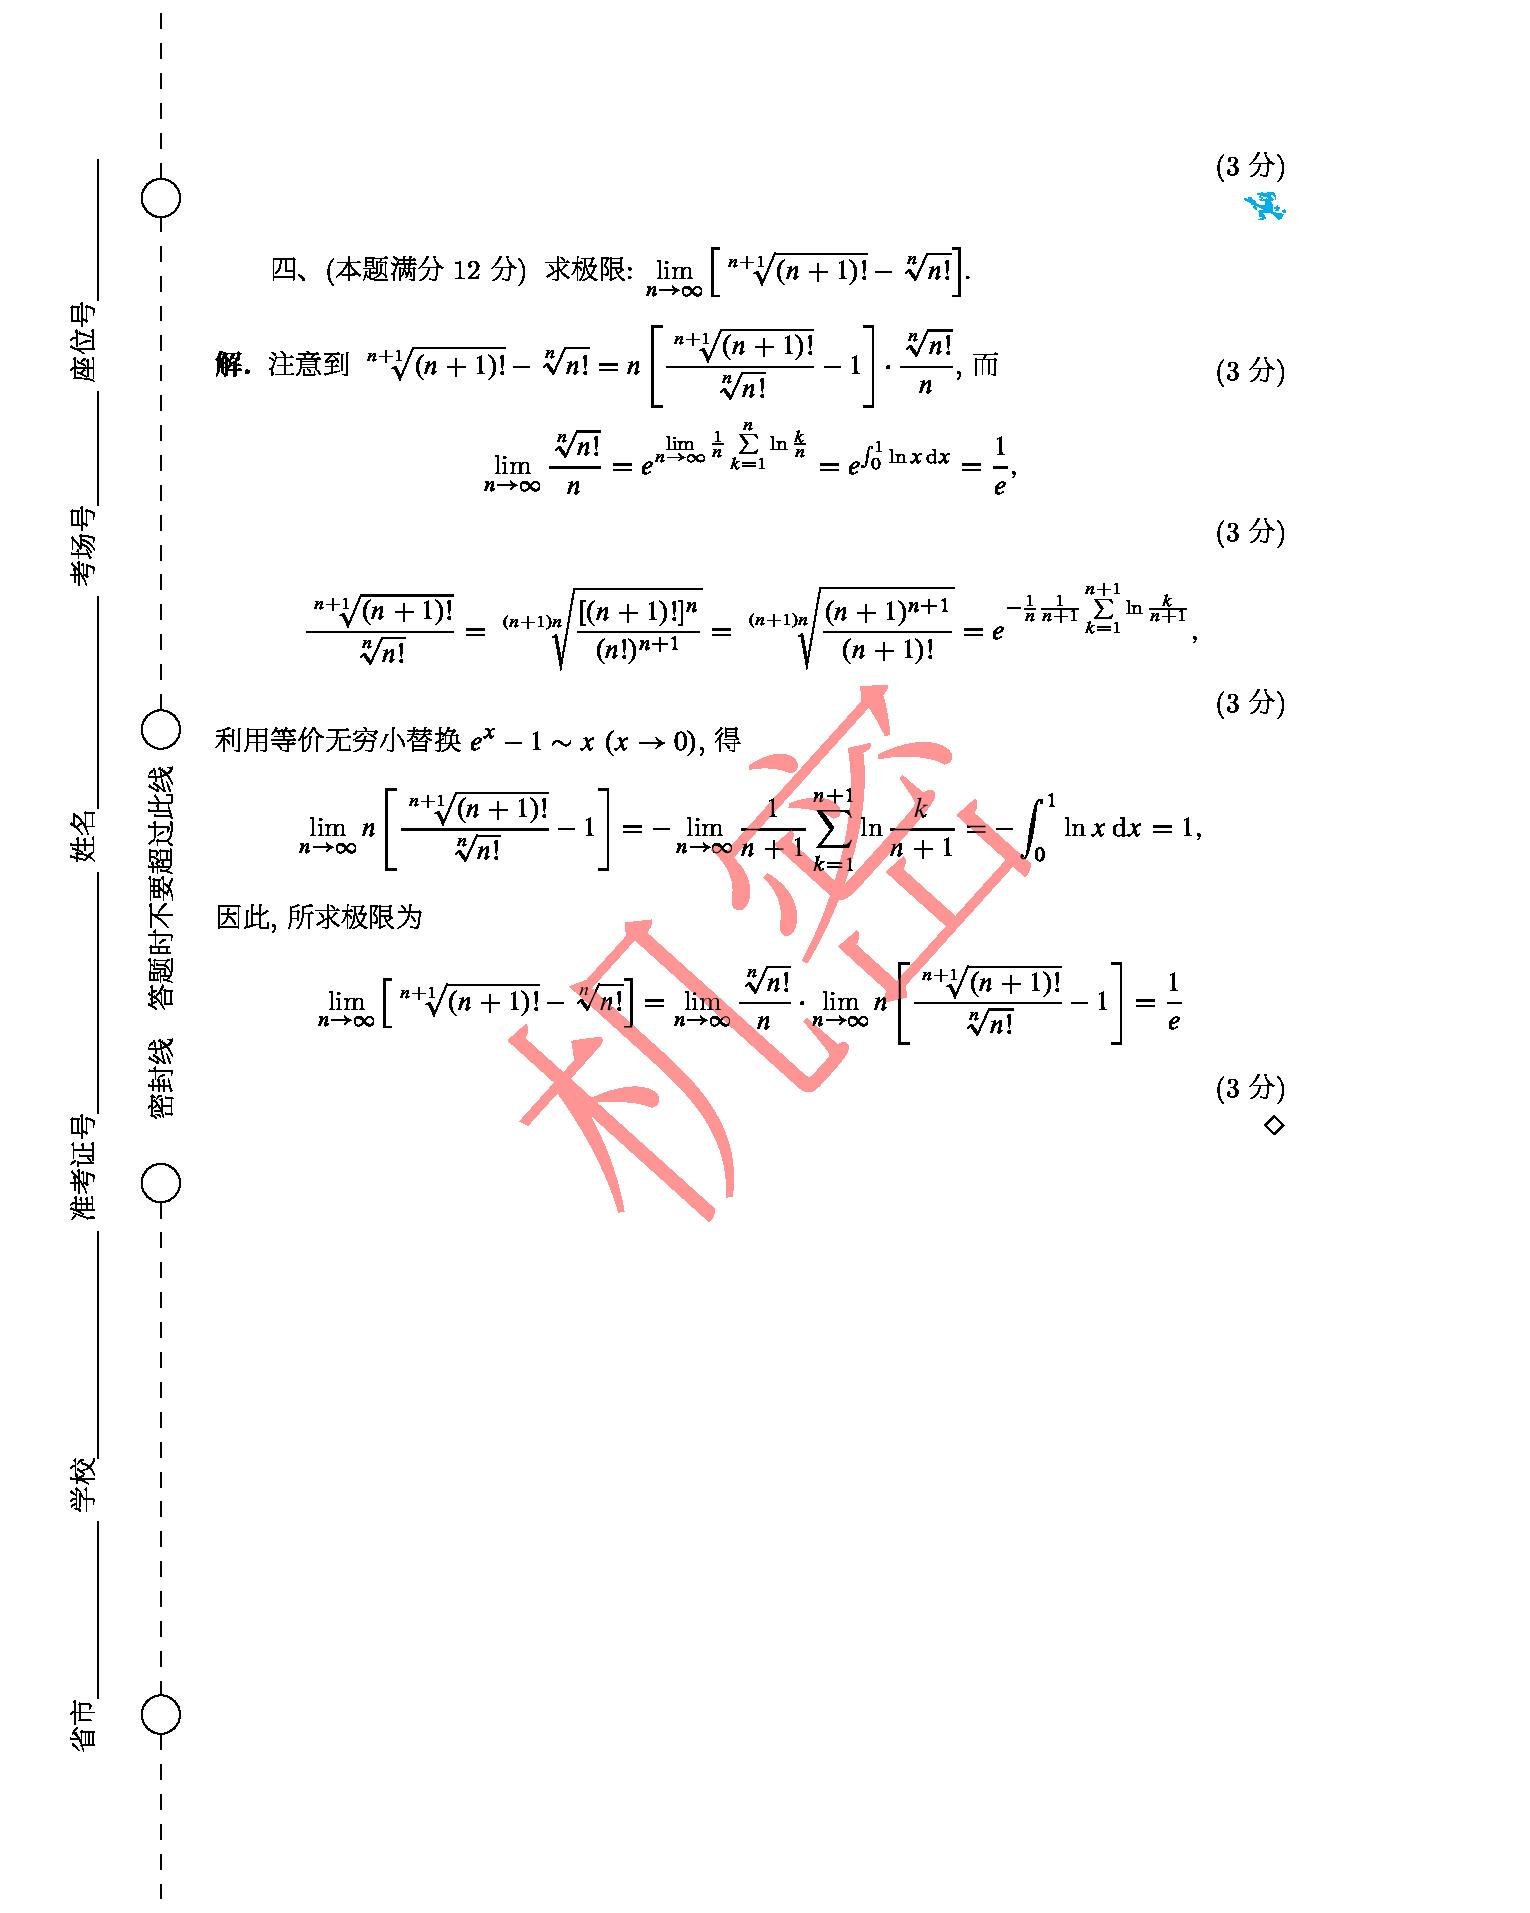 大学生数学竞赛模板